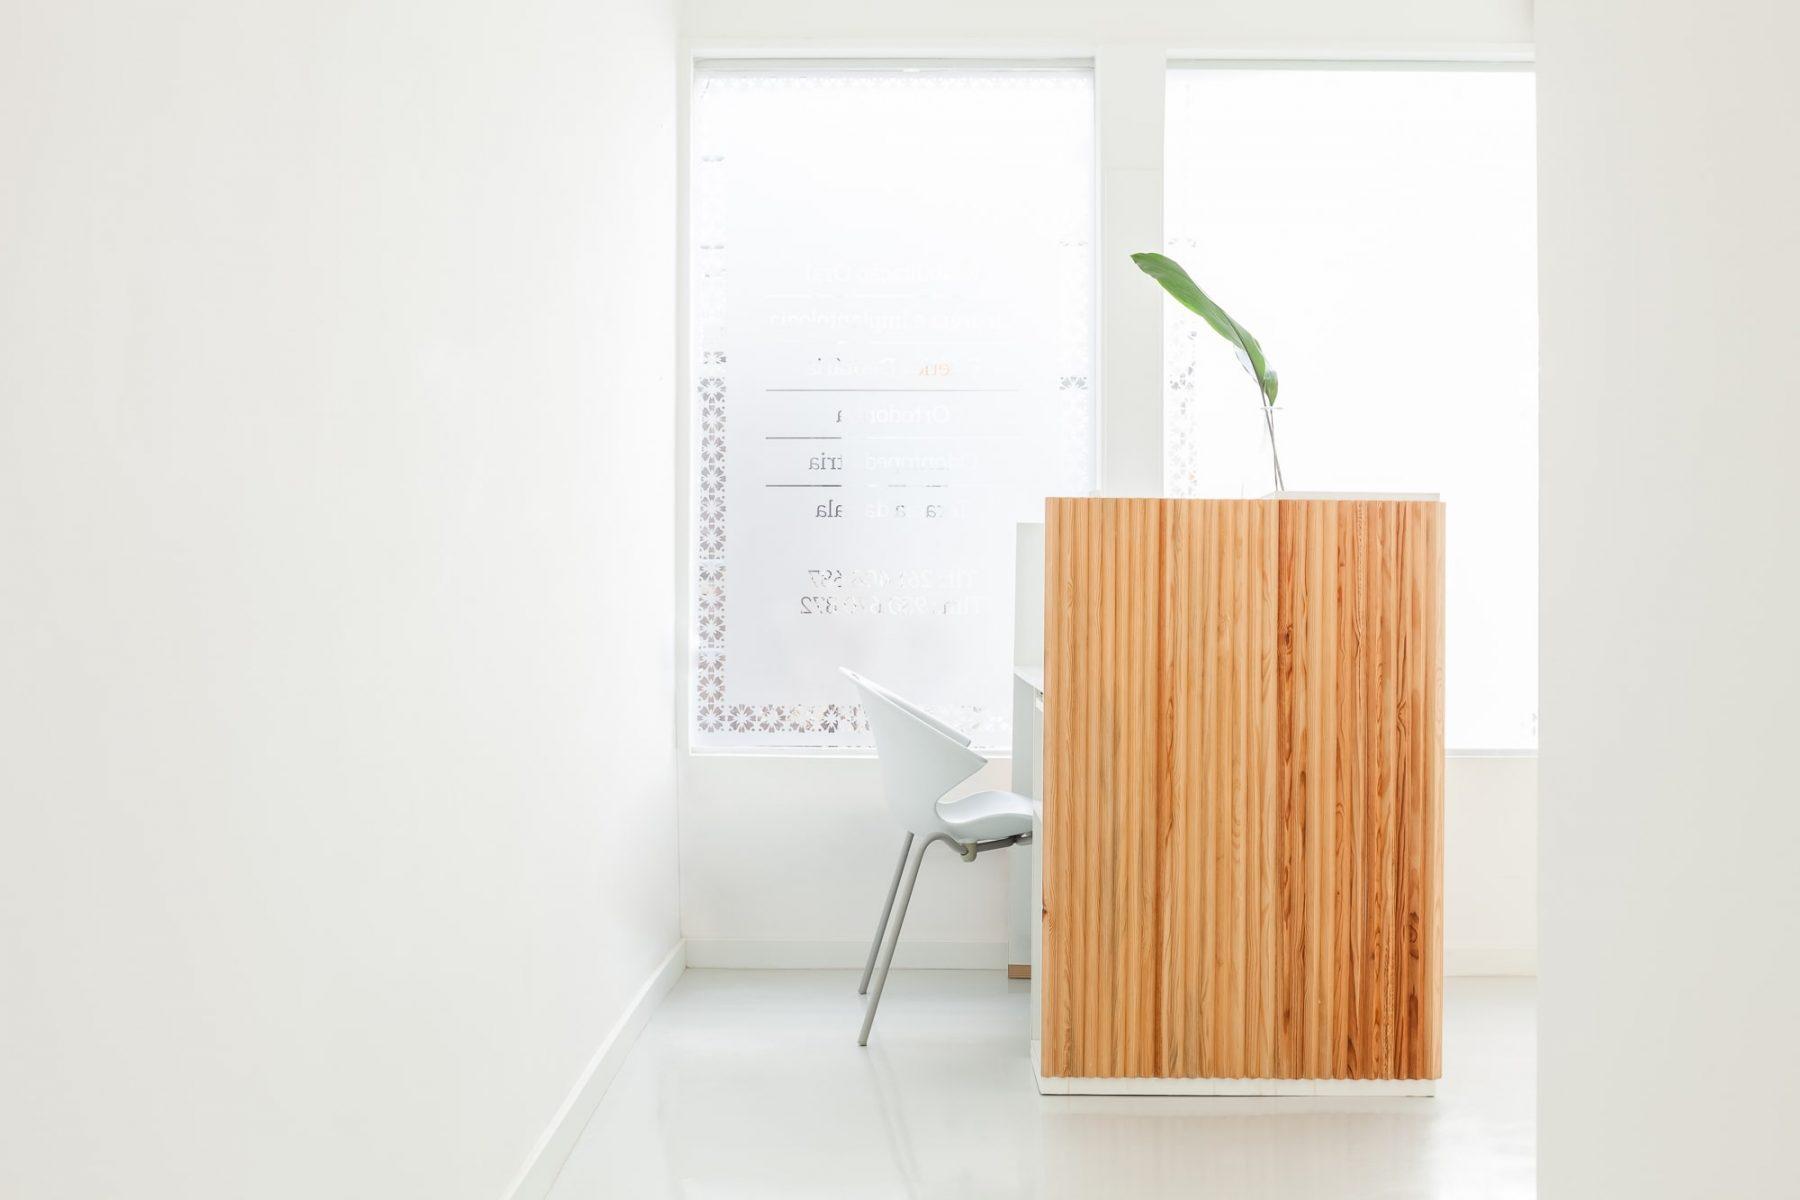 dc ad clinica da vila architecture 01